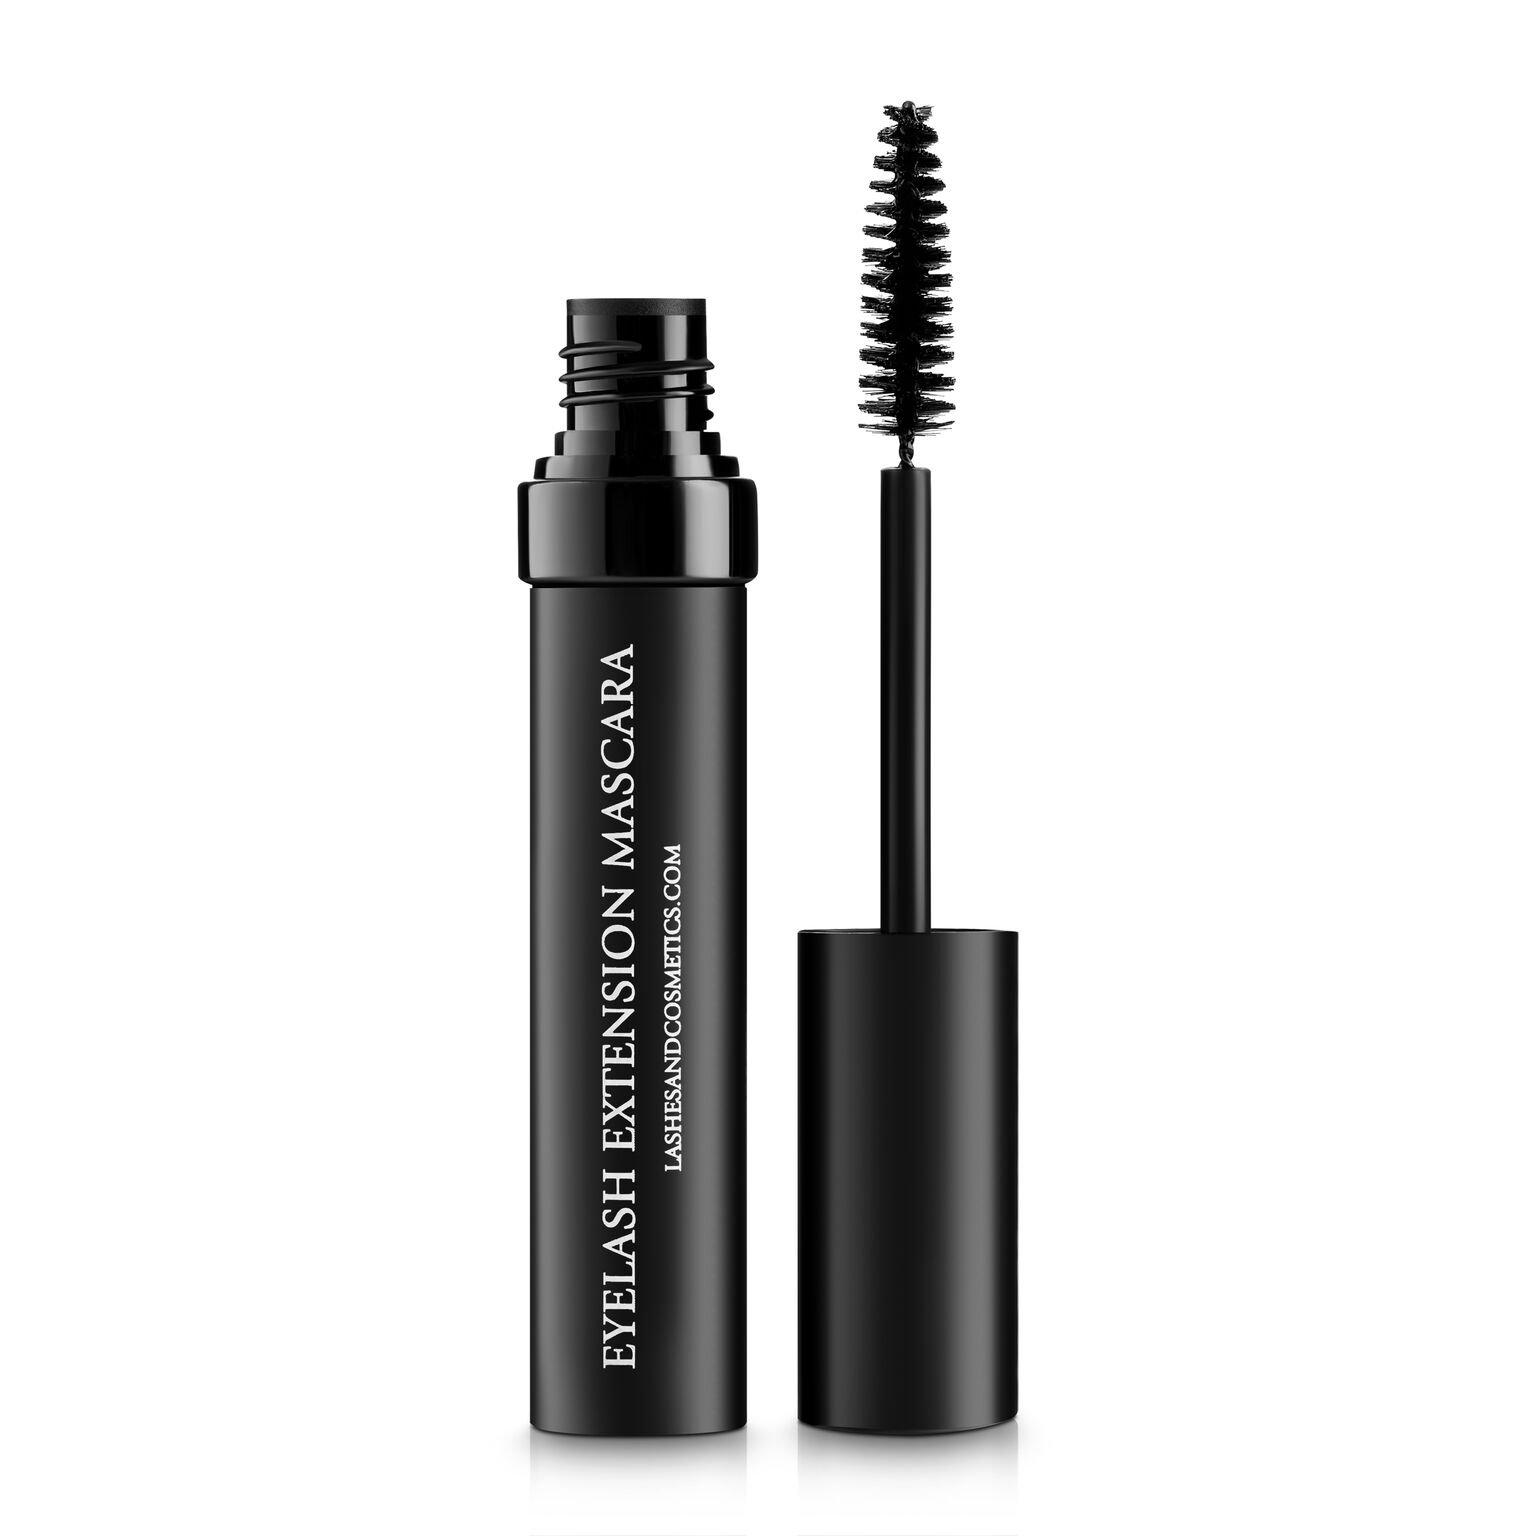 Eyelash Extension Mascara - Safe to Use with False Lashes- Oil Free